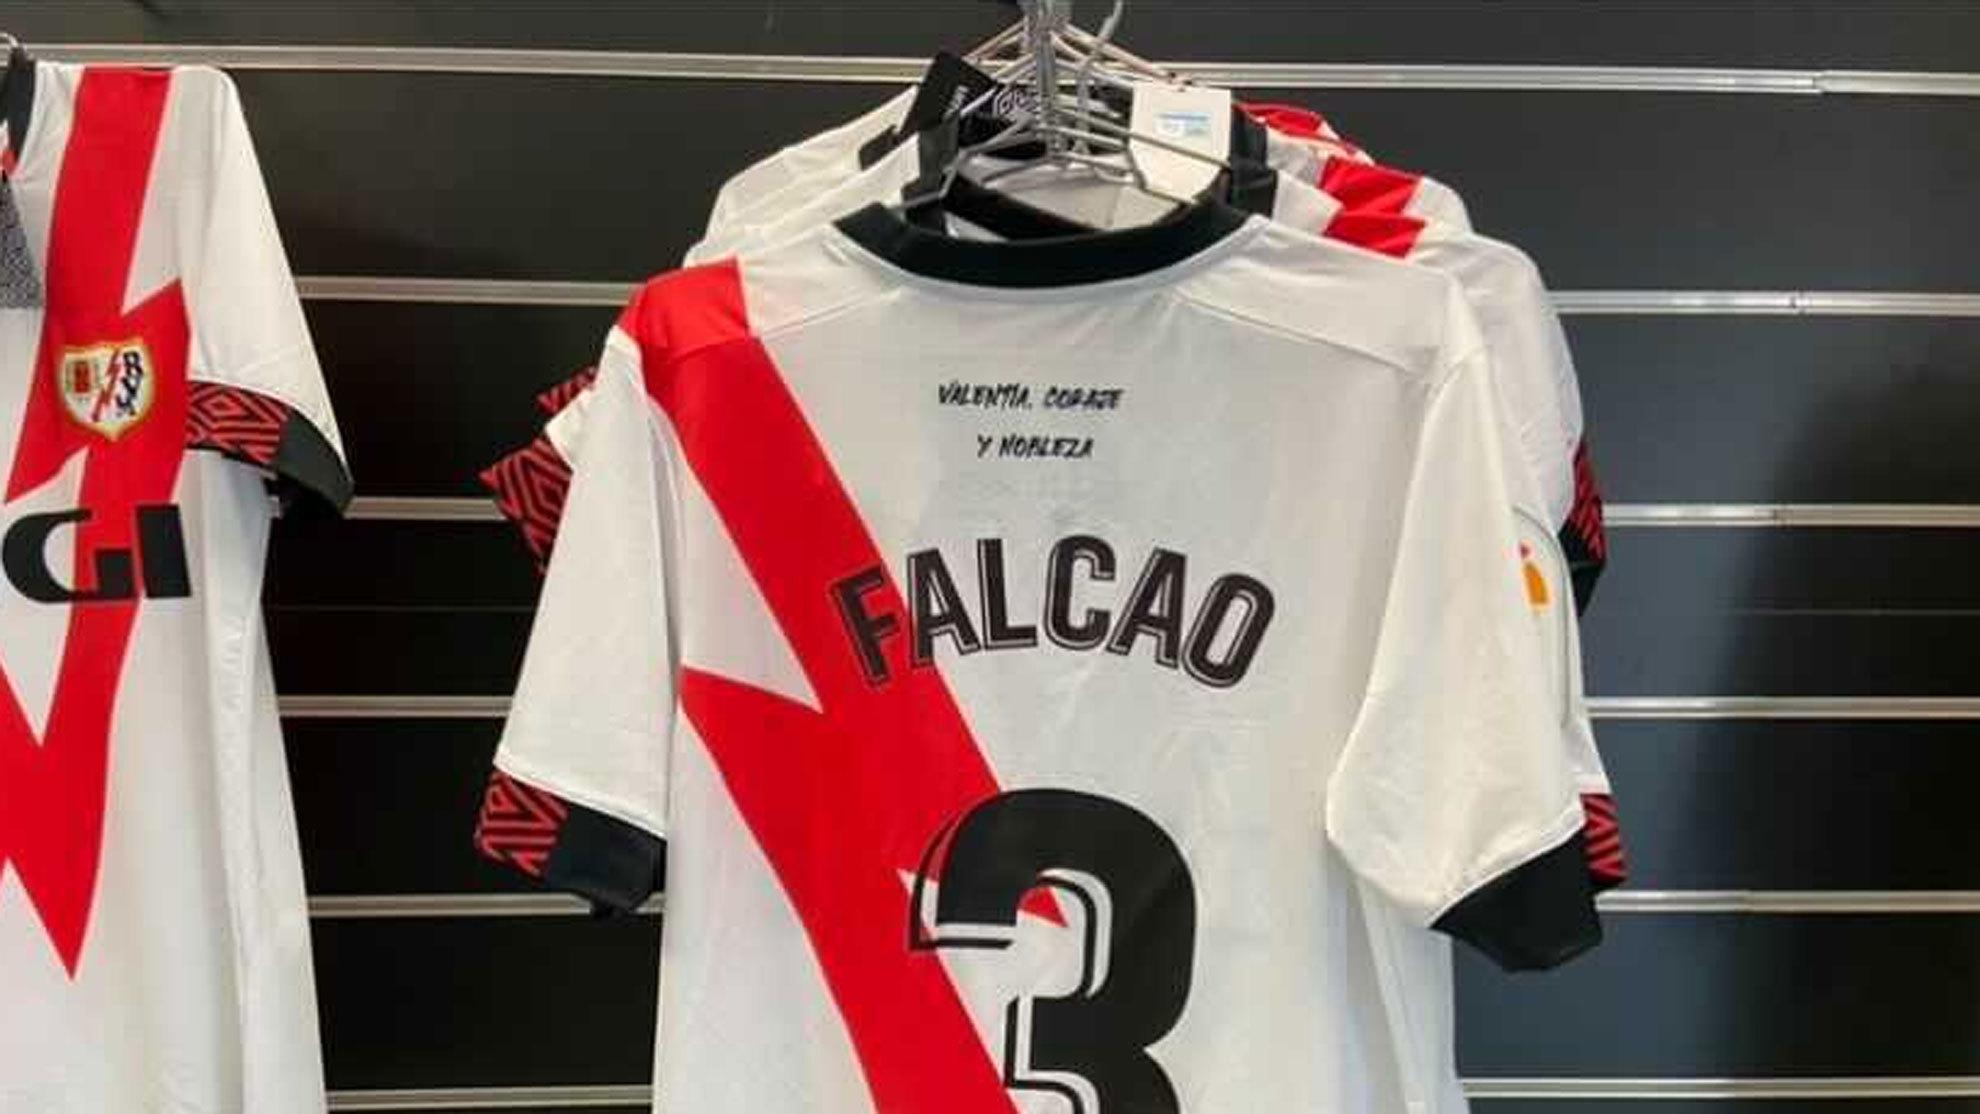 La camiseta de Falcao, en la tienda oficial del Rayo antes de agotarse /